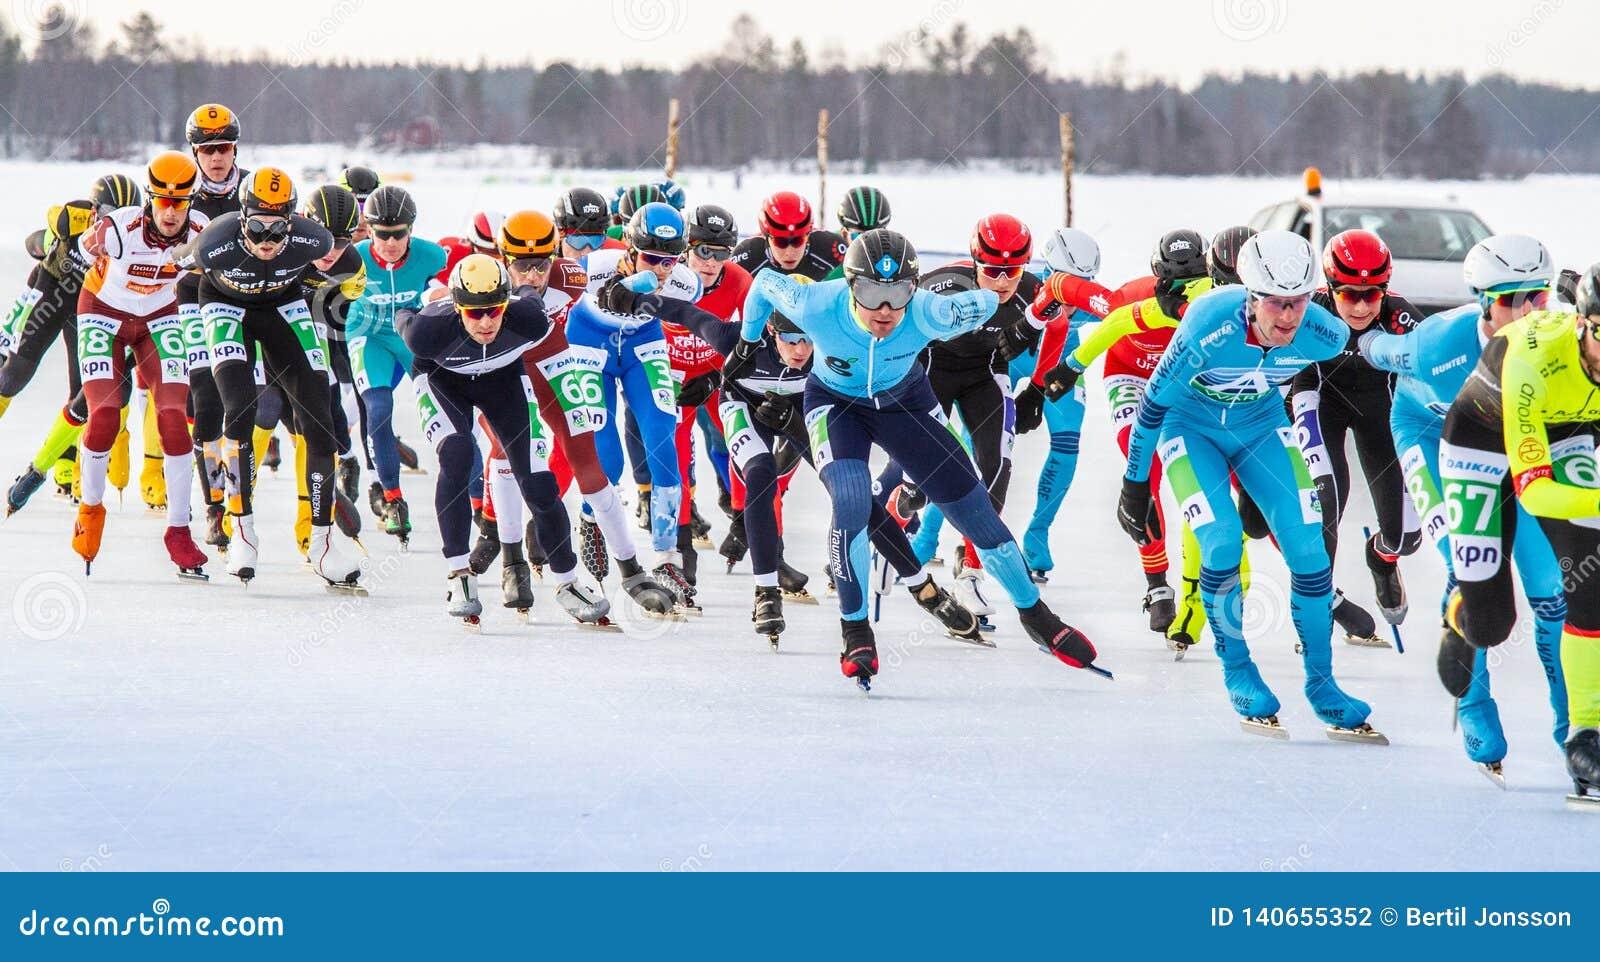 KPN Grand Prix dans Lulea, Suède, 2019 Le groupe des hommes concurrencent